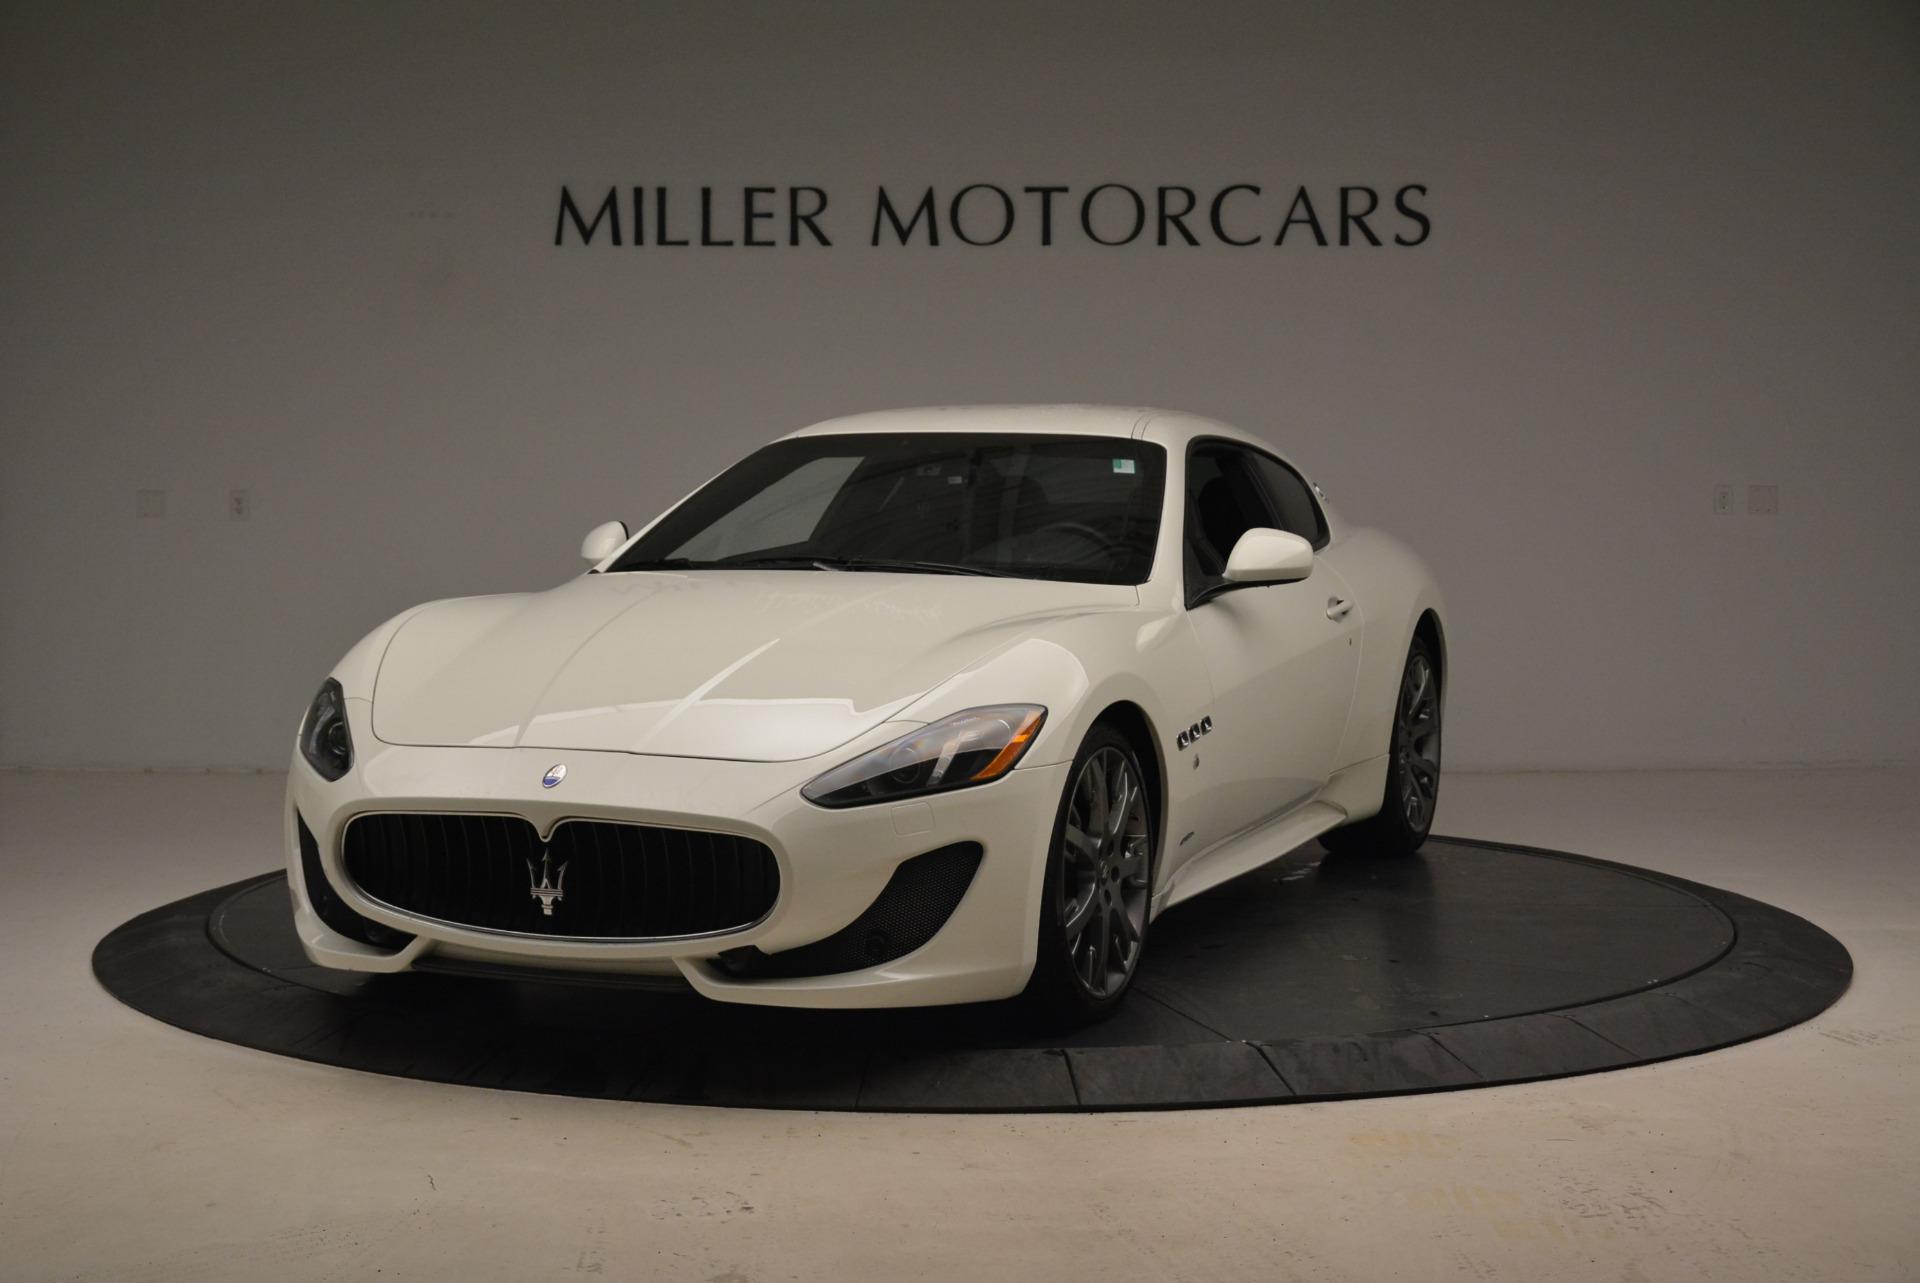 Used 2016 Maserati GranTurismo Sport for sale $61,900 at McLaren Greenwich in Greenwich CT 06830 1